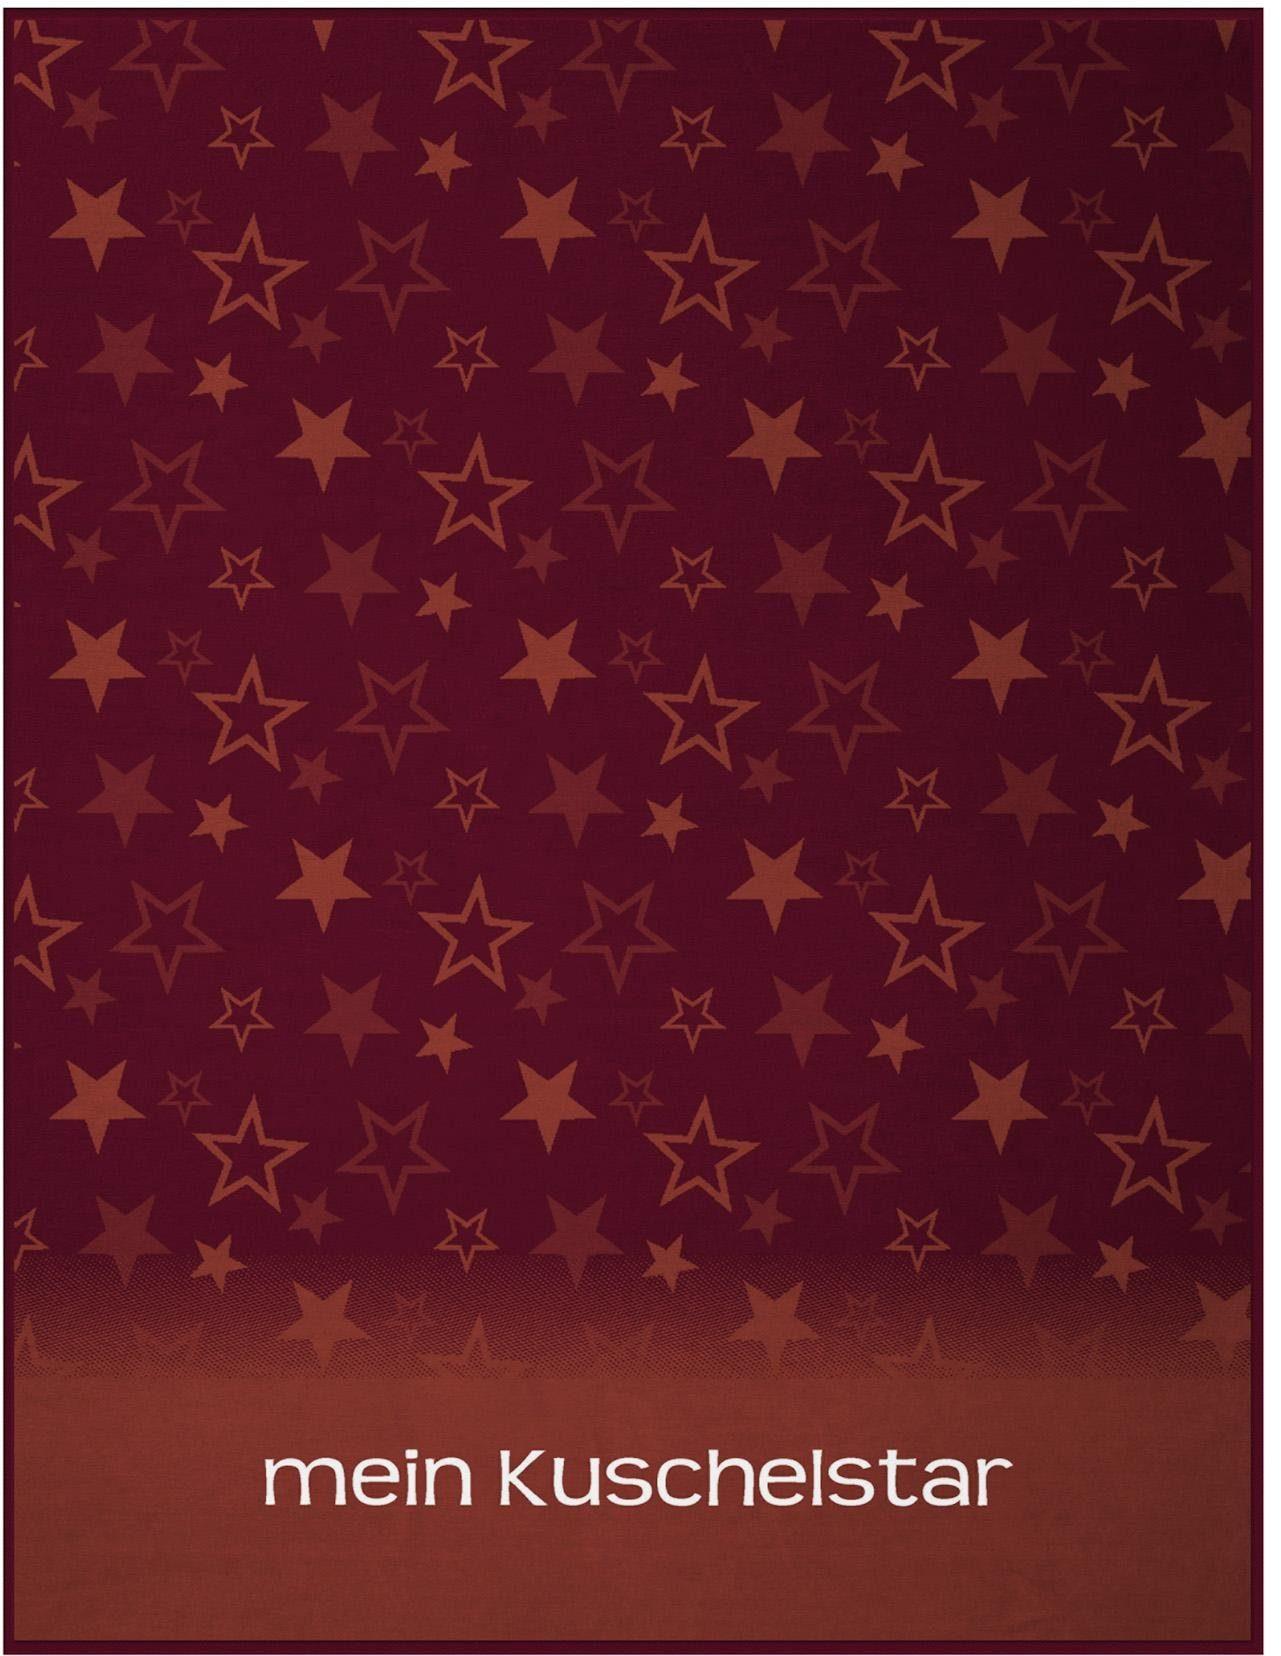 Wohndecke, Biederlack, »Mein Kuschelstar«, mit Sternen verziert